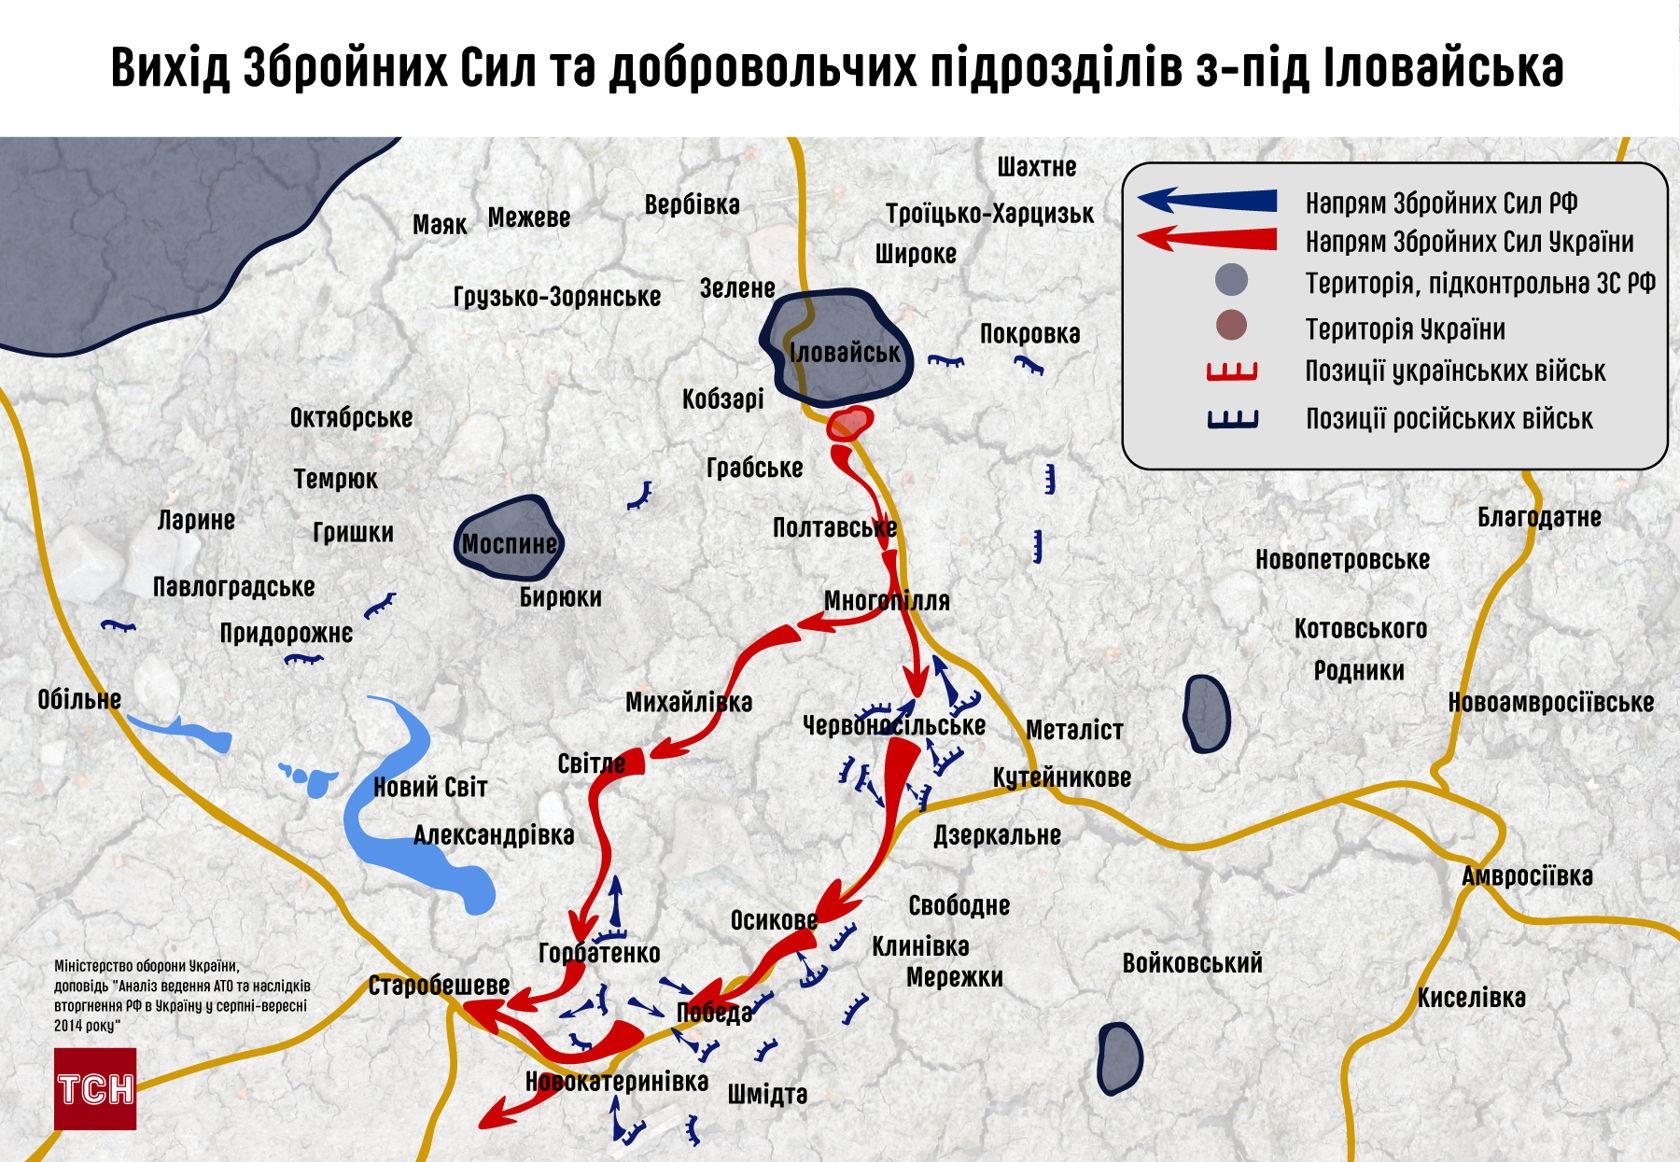 Около 40 тыс. боевиков воюют на Донбассе, среди них более 7 тыс. военнослужащие регулярной армии РФ, - штаб АТО - Цензор.НЕТ 6081